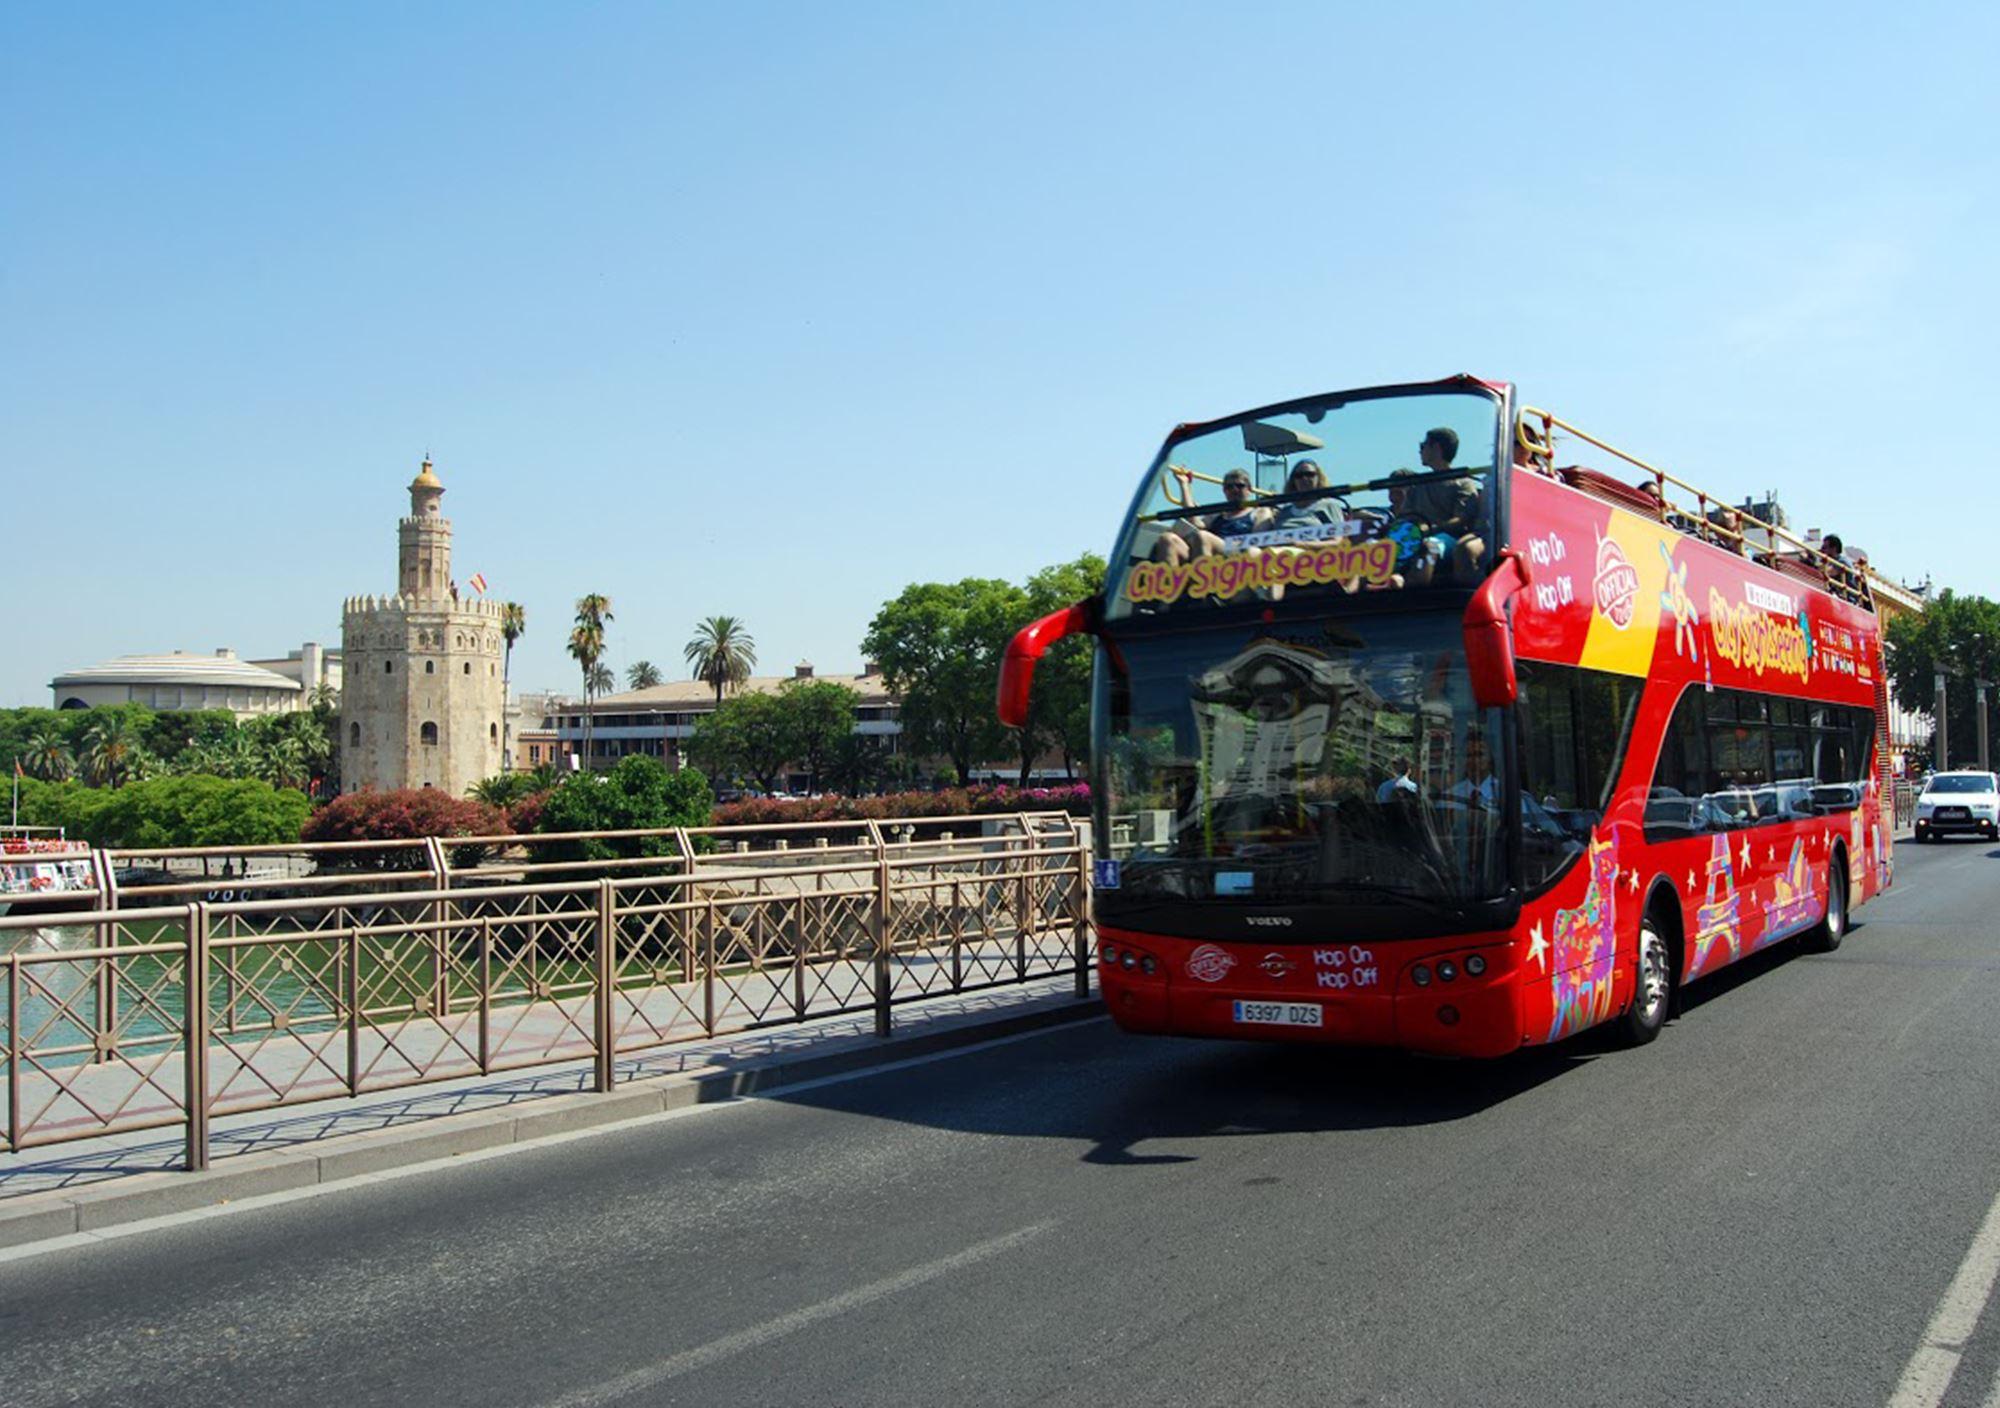 reservar online Bus Turístico City Sightseeing Sevilla